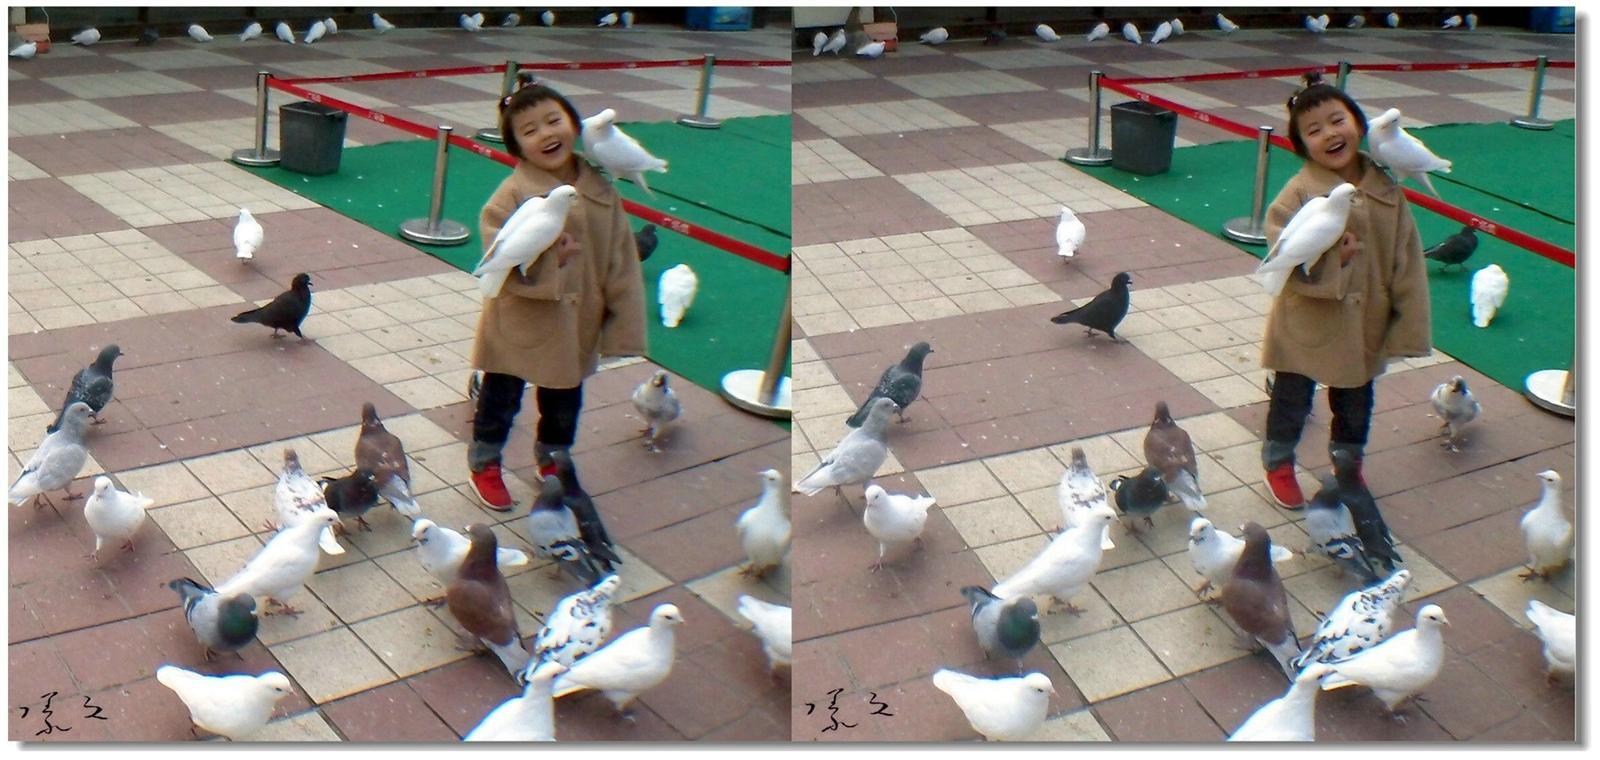 【原创】小孩与鸽子 -4